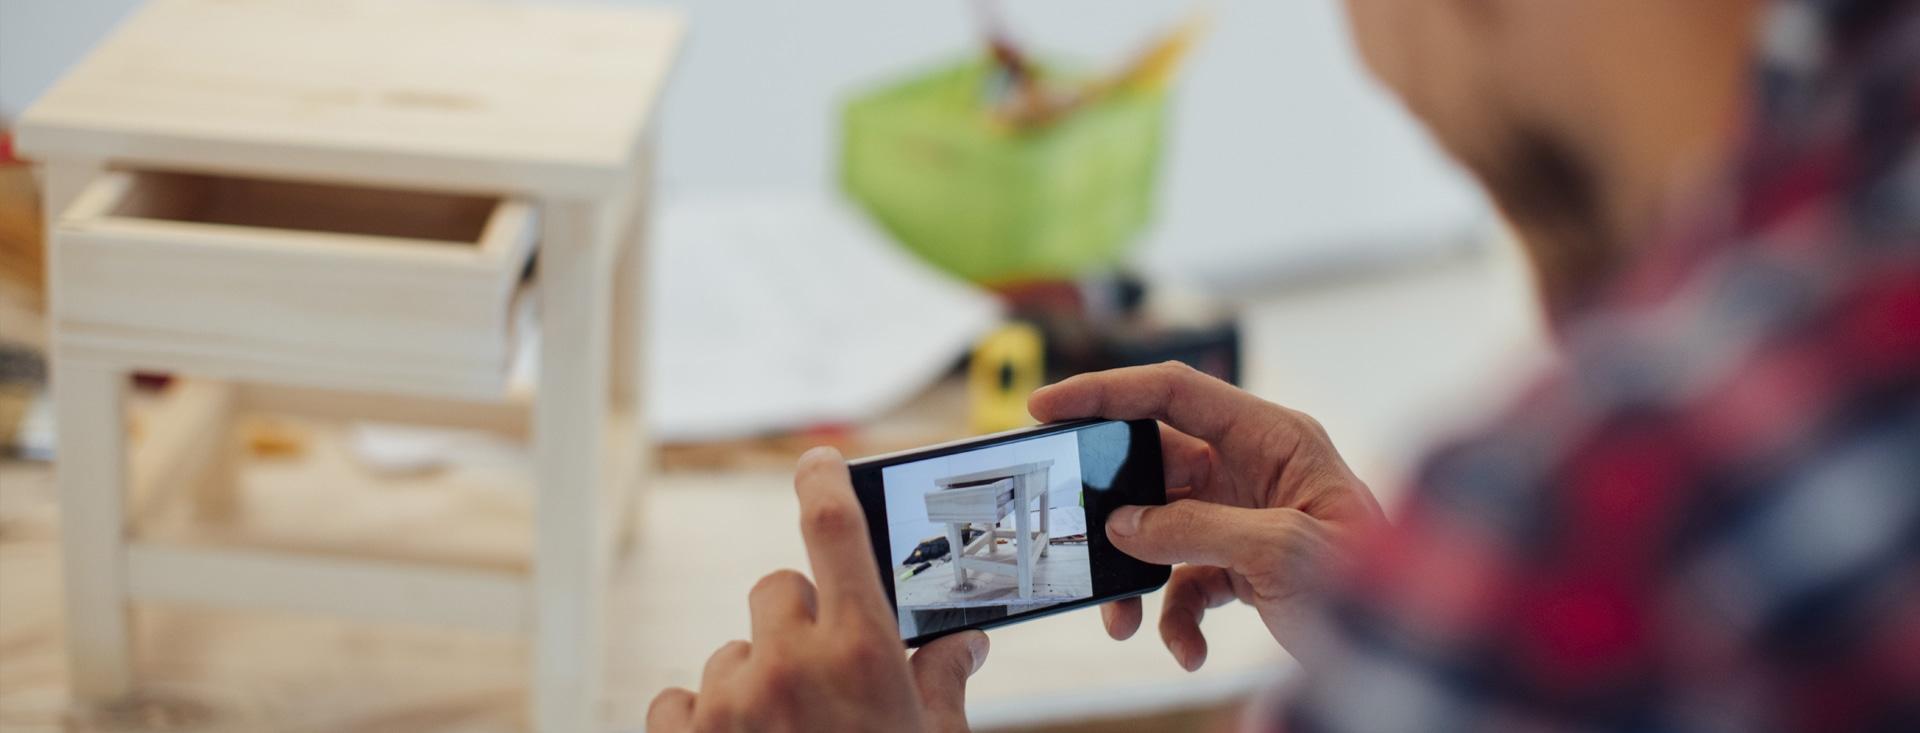 Öka försäljningen med snygga bilder